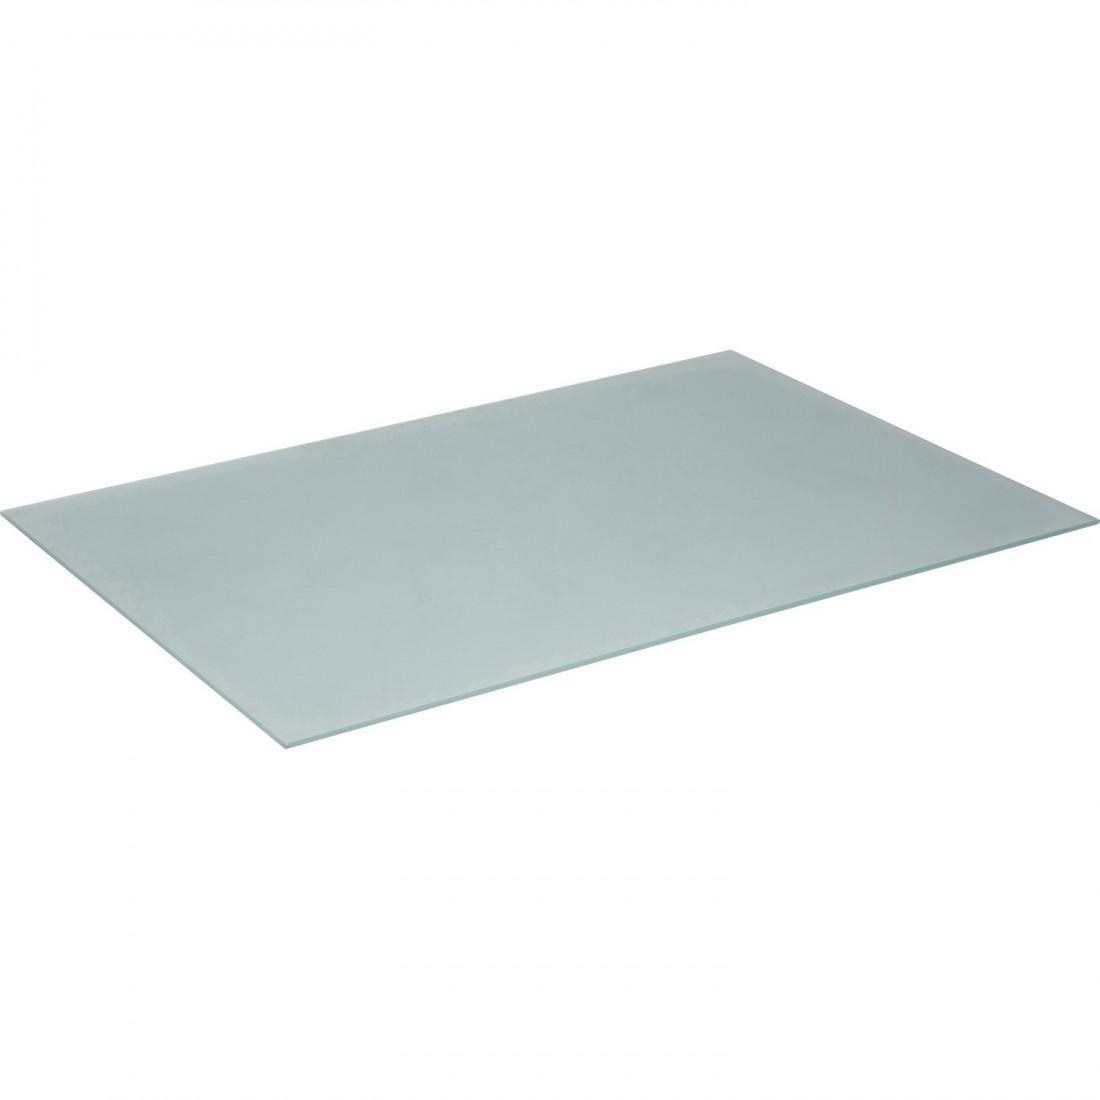 Table basse en verre 60 x 60